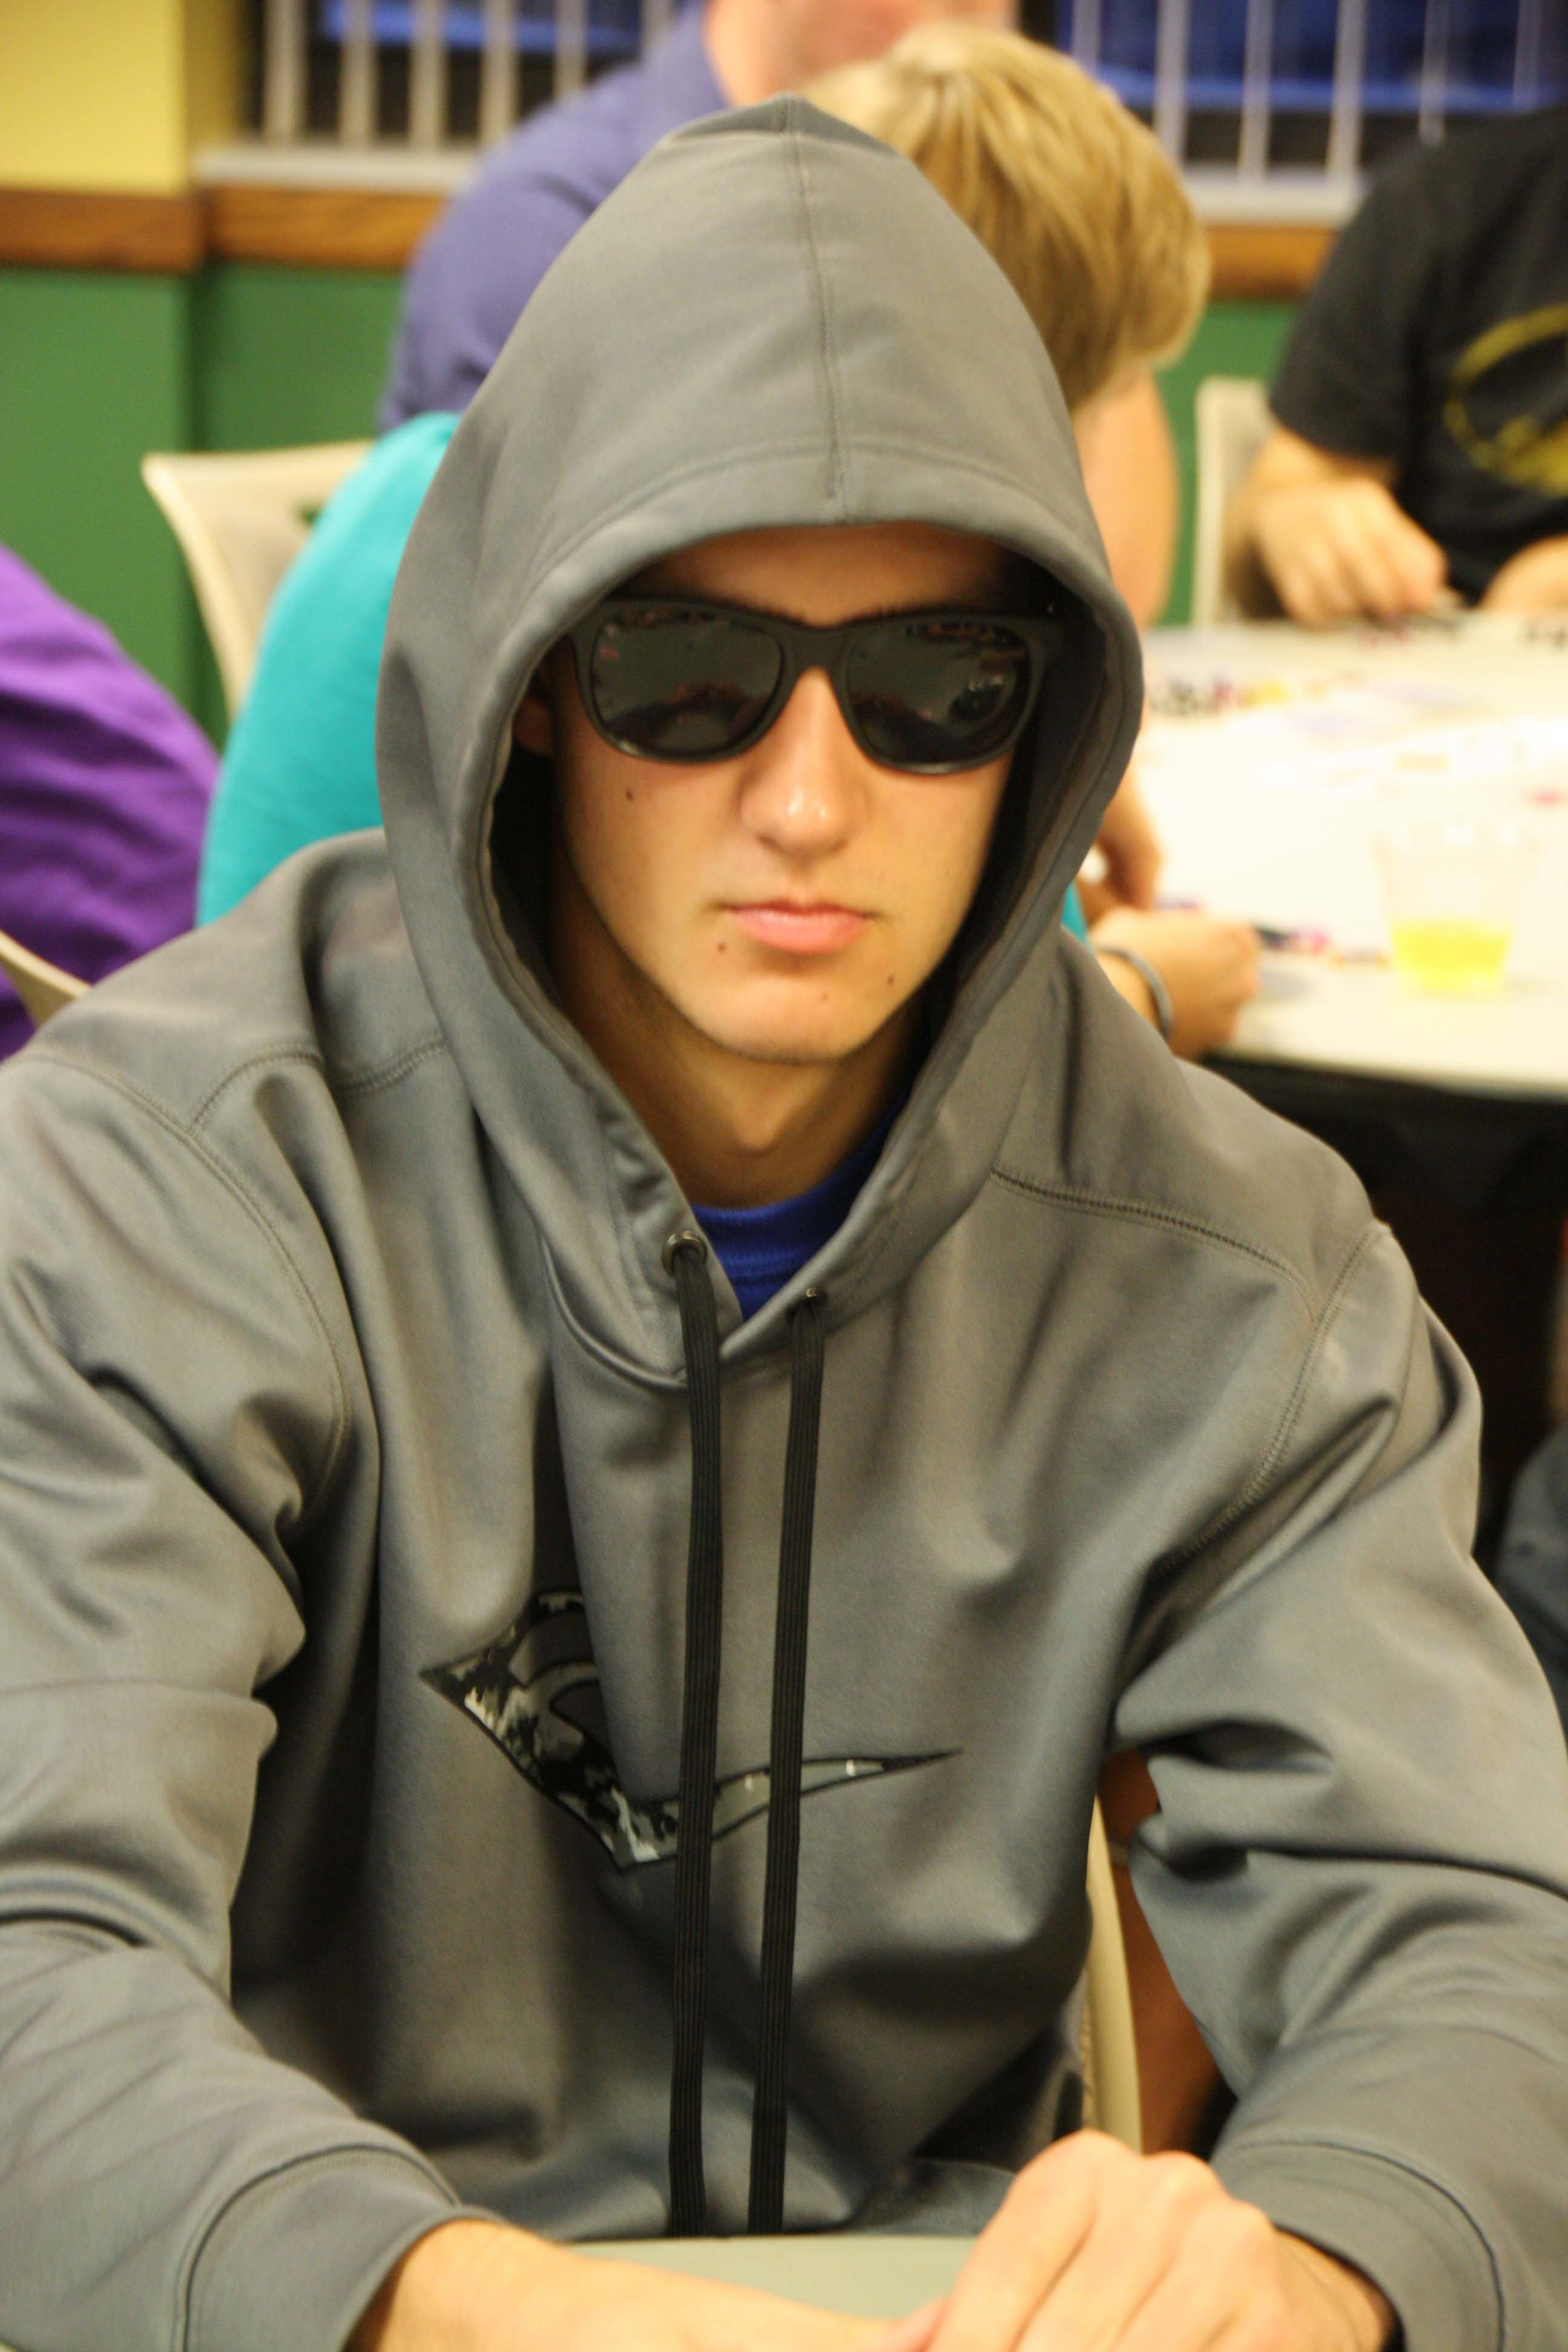 ISU Poker Recruitment Function - September 14, 2012 (Image 004).jpg